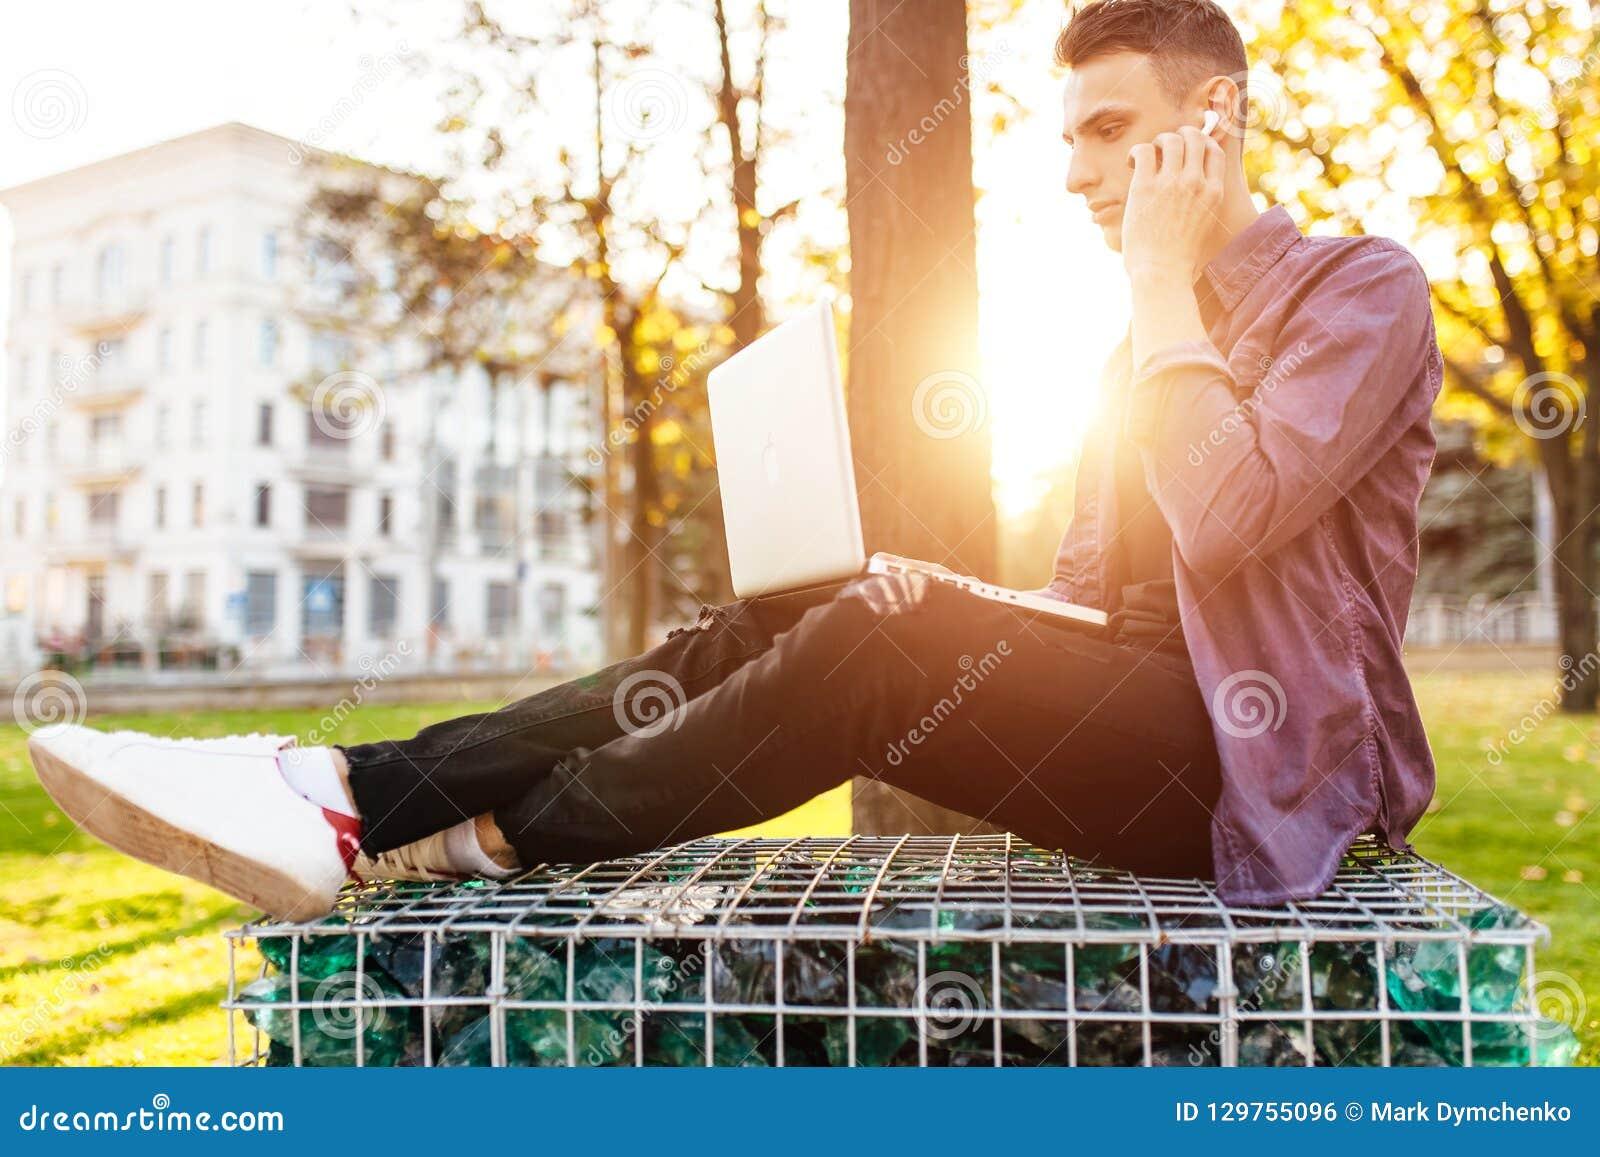 Un hombre en ropa casual se sienta en un banco, trabaja con un ordenador portátil y